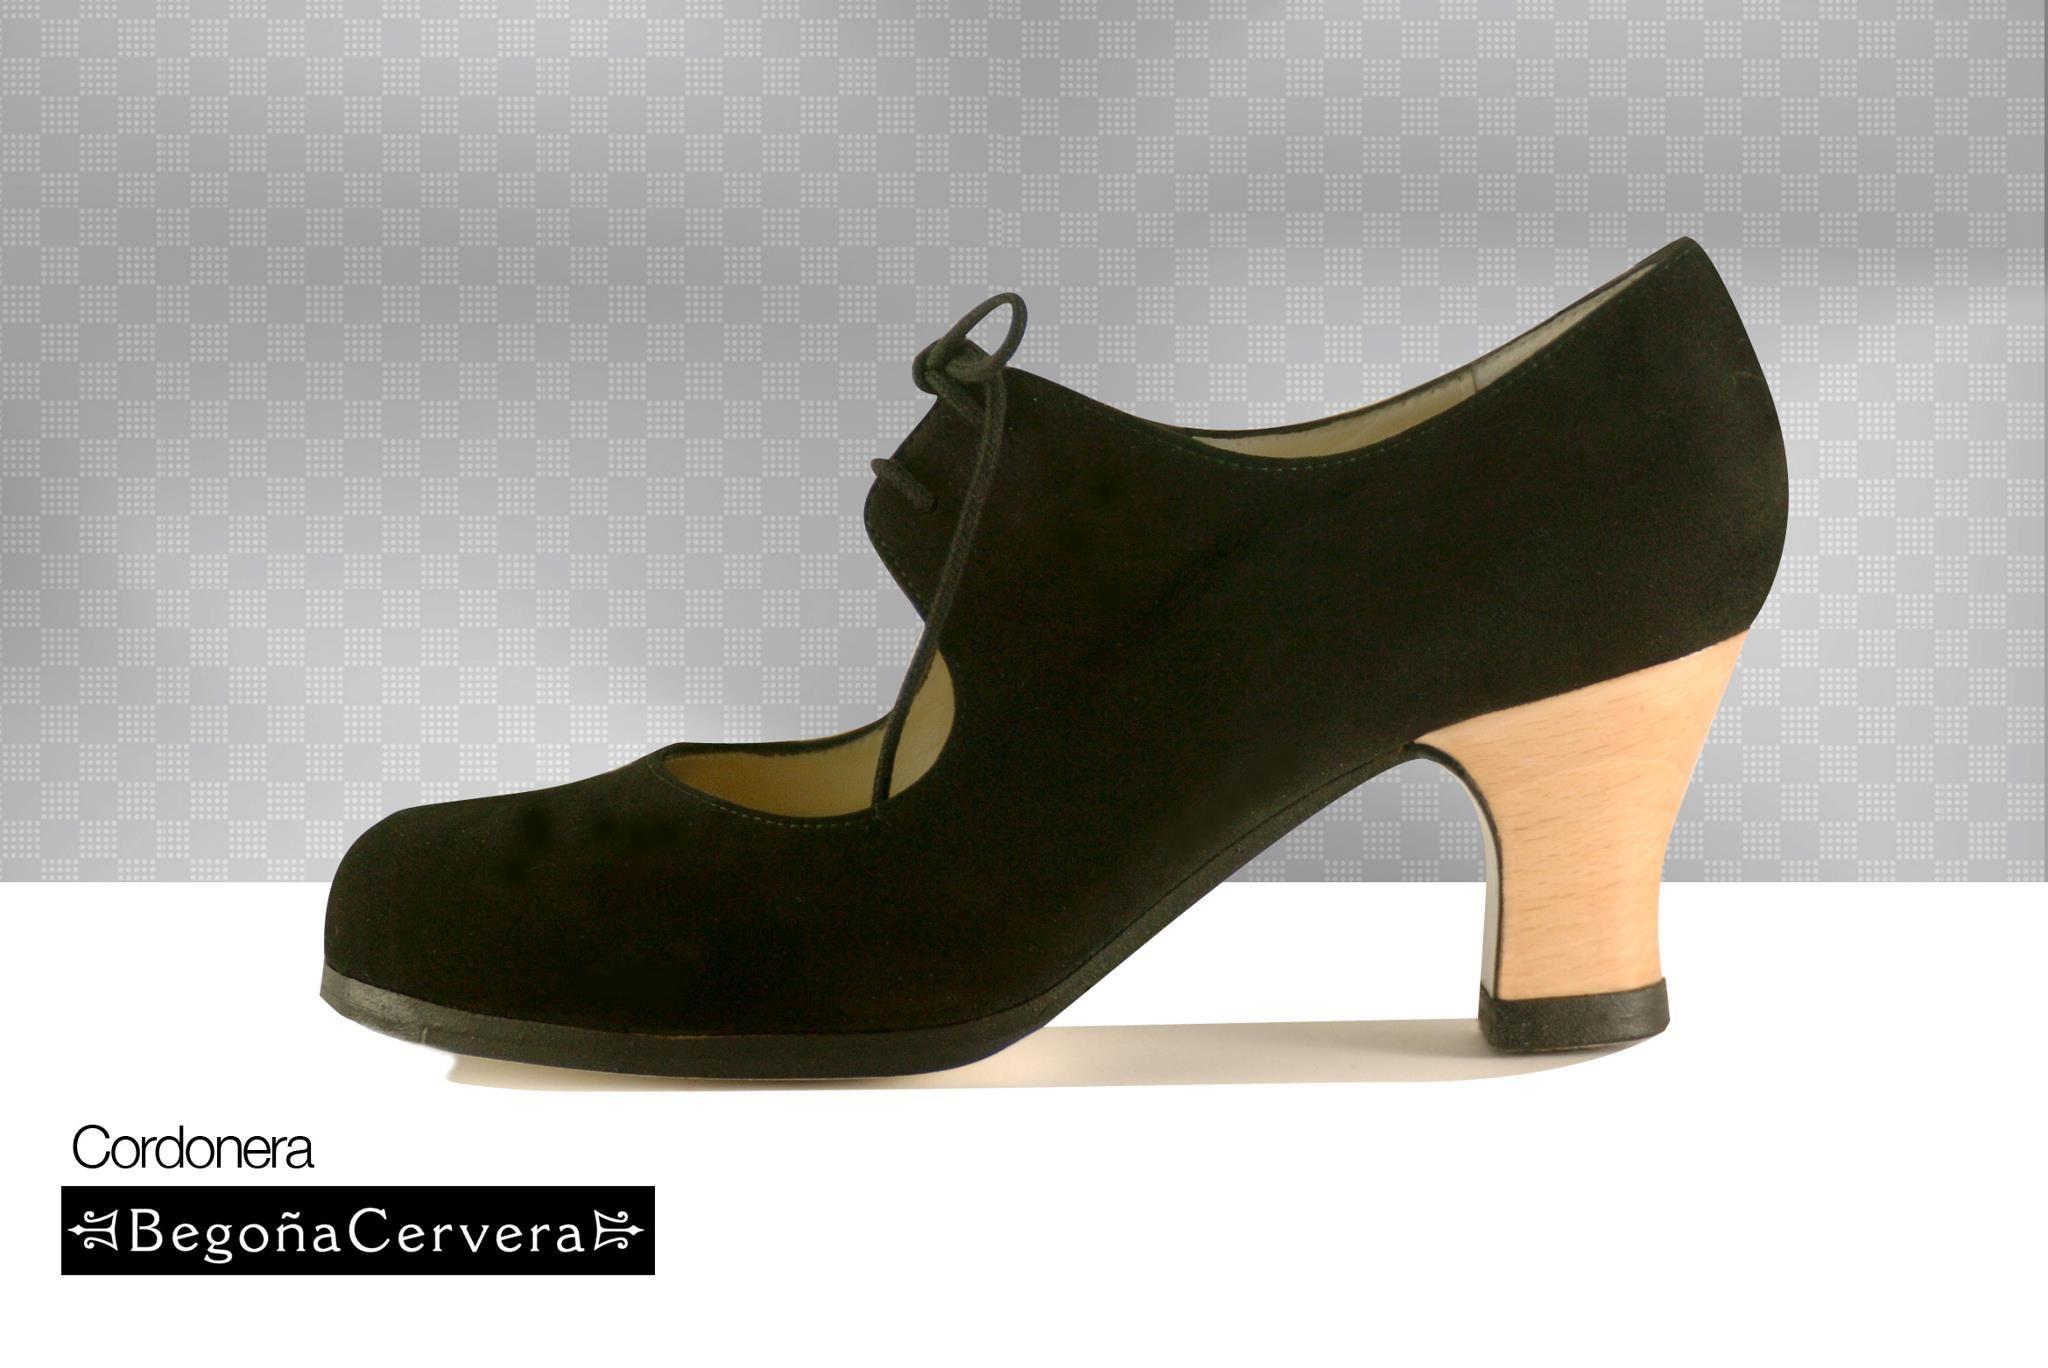 Tienda de Flamenco y baile: Zapatos, faldas, trajesdesde